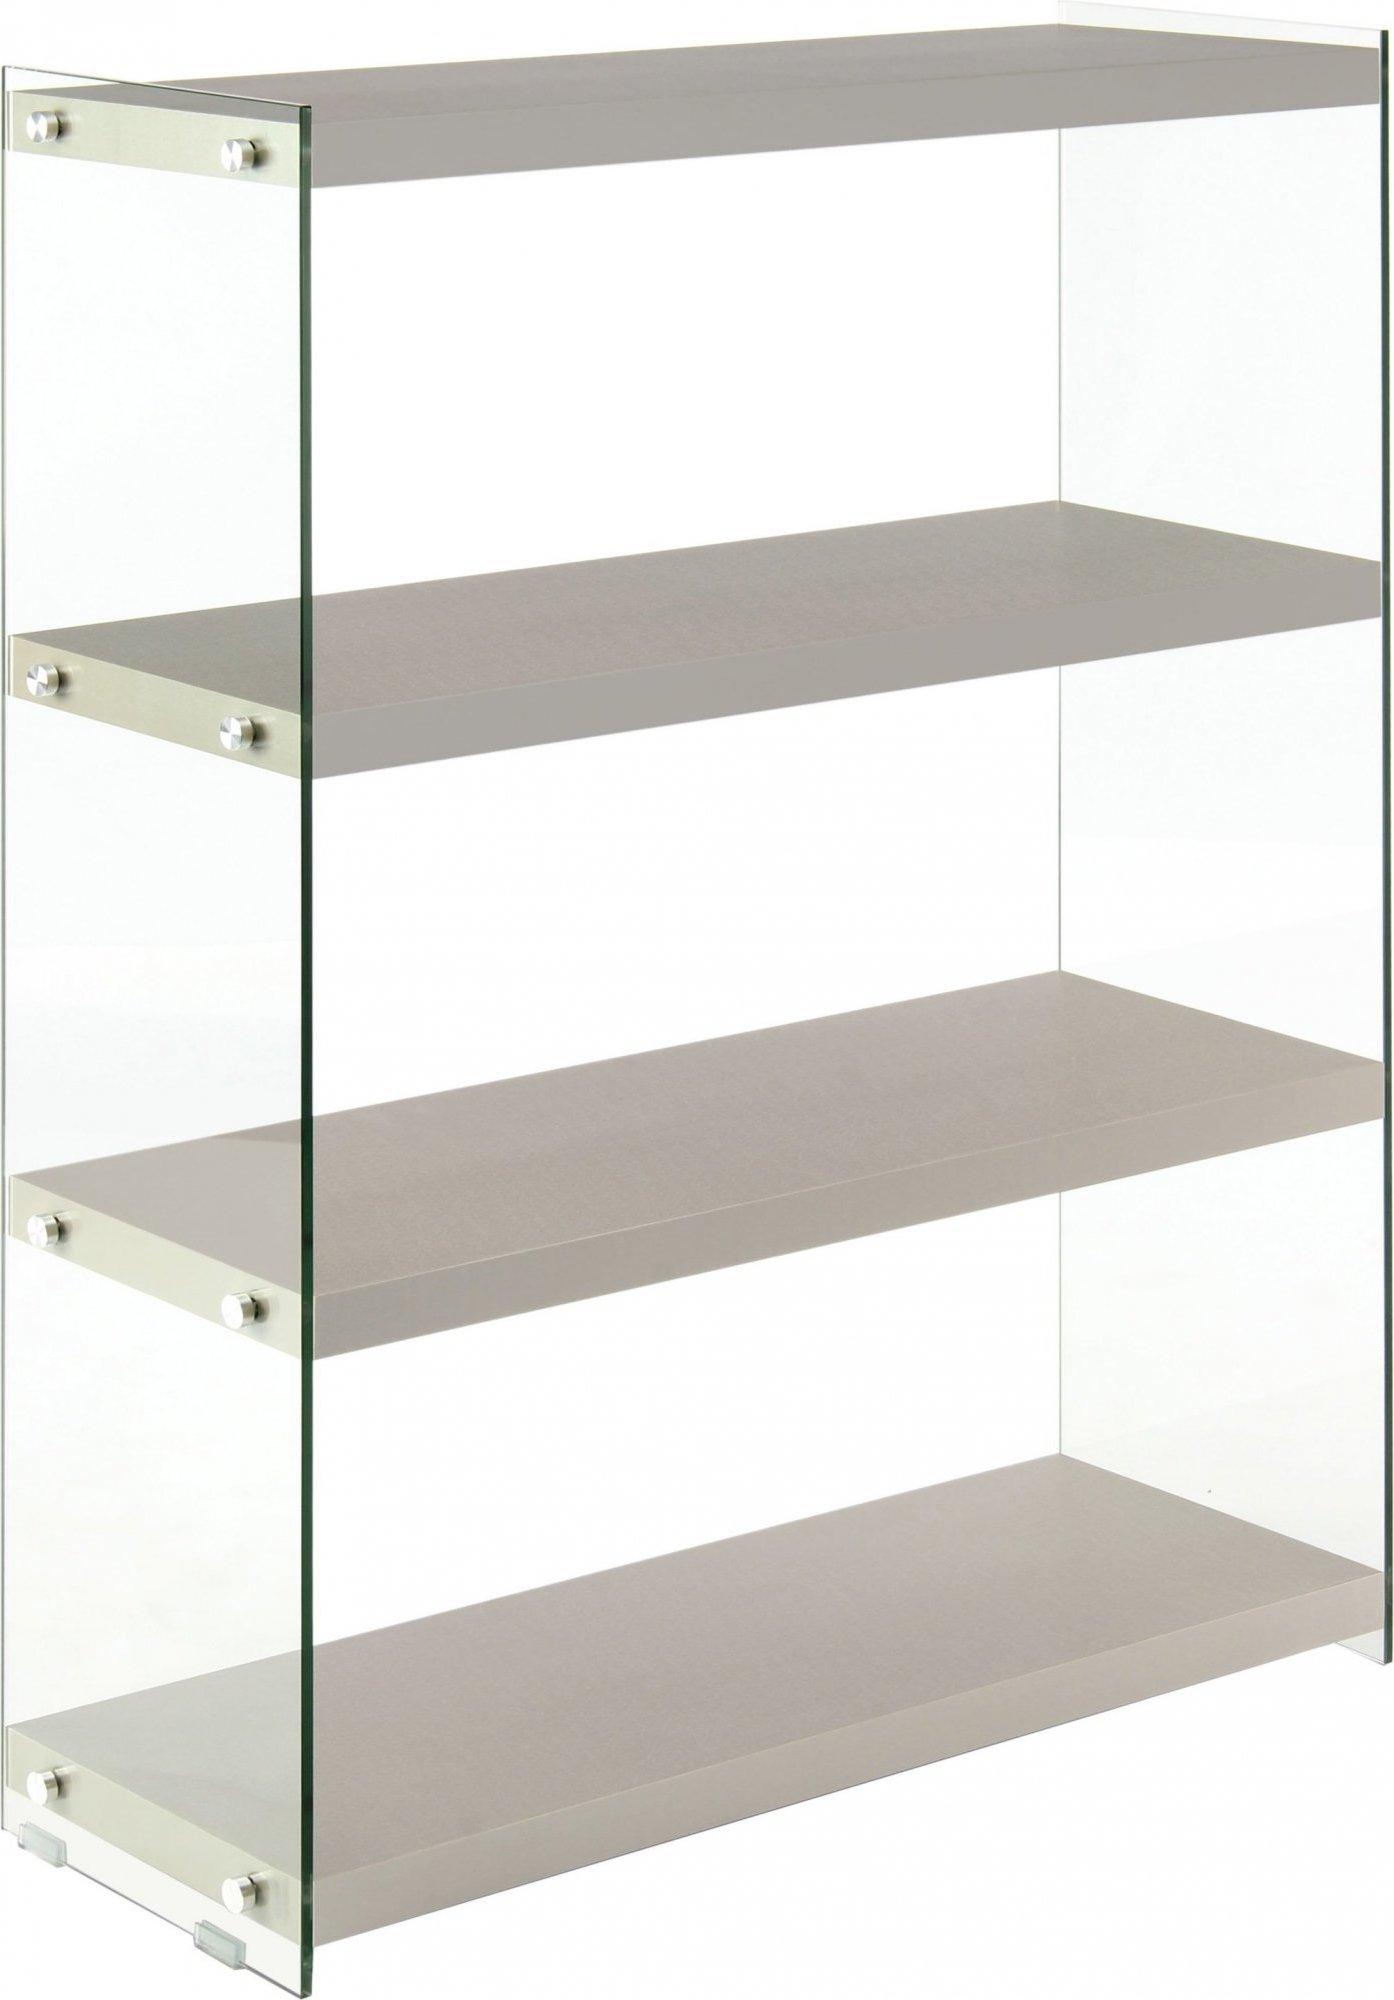 Etagère 4 étagères bois gris argent montant verre h113cm